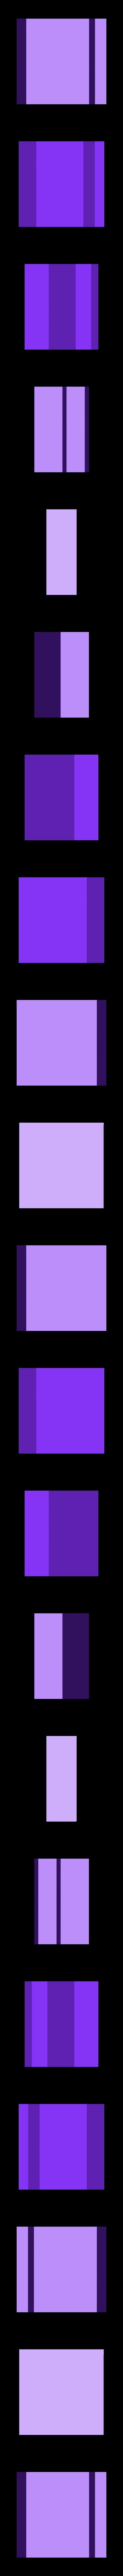 gutter4.stl Télécharger fichier STL gratuit Ripper's London - The (Modular) Factory • Modèle pour imprimante 3D, Earsling